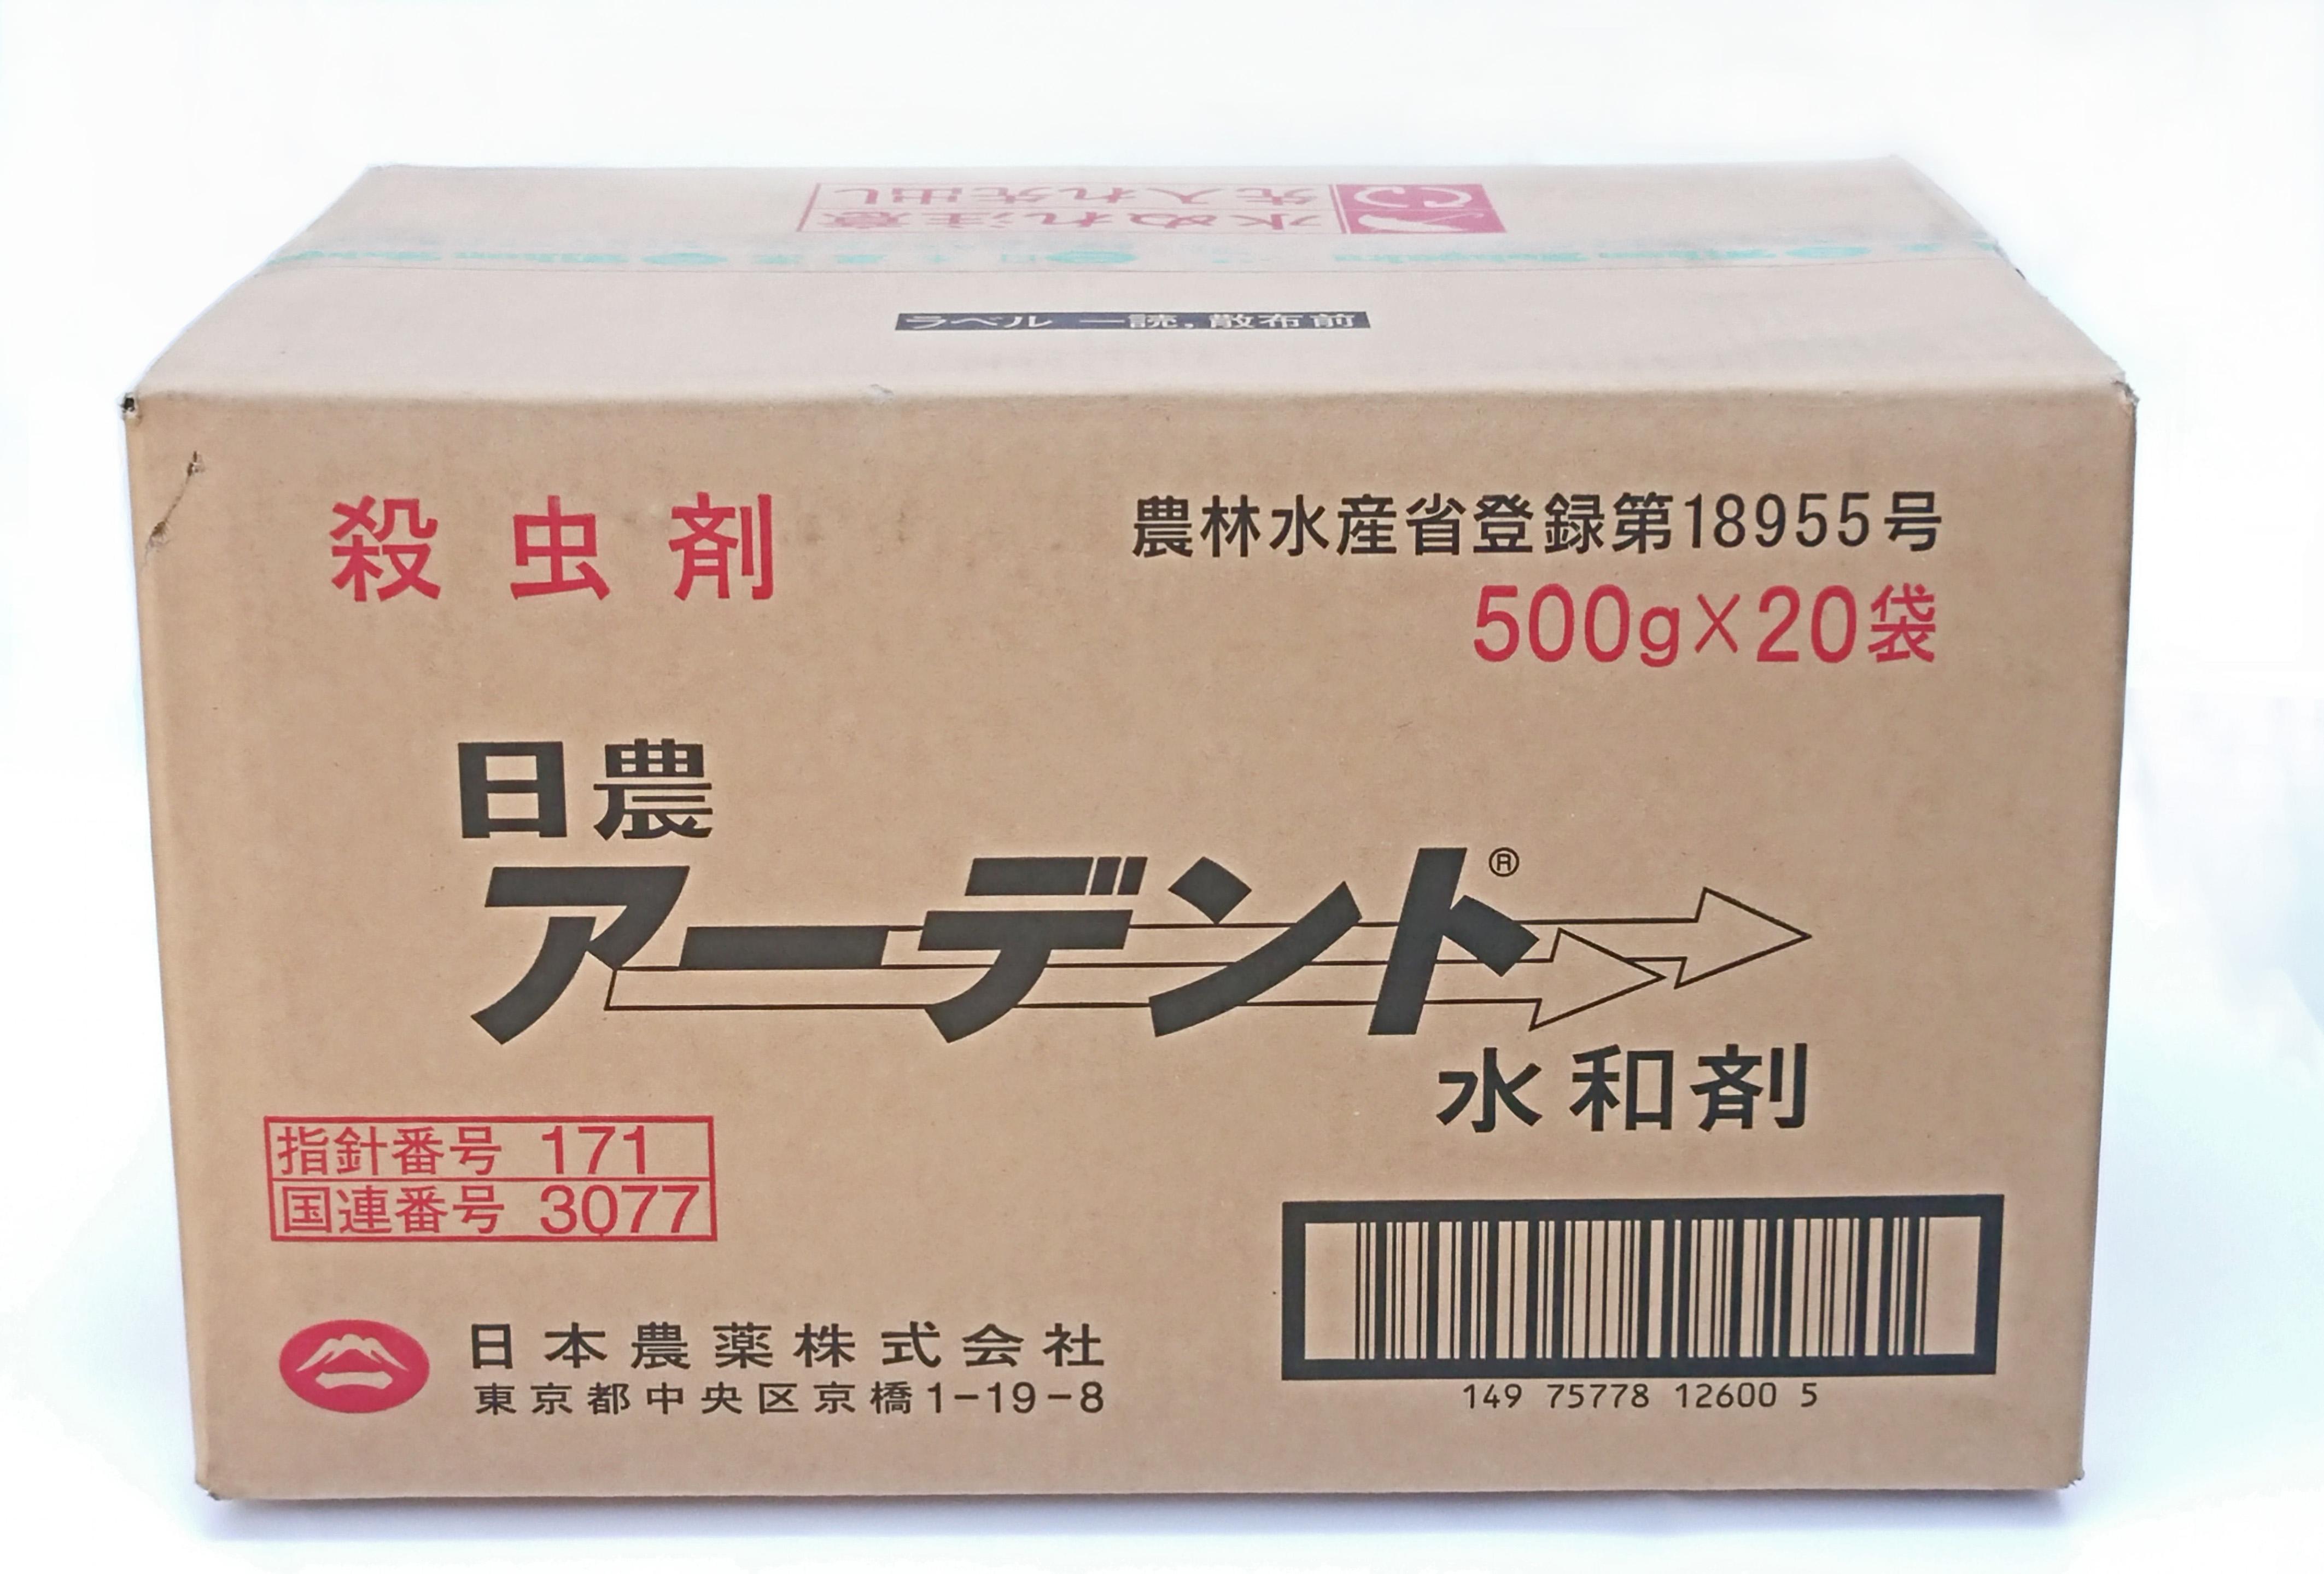 有効期限切れ間近特価品 「アーデント水和剤 500gX20袋」